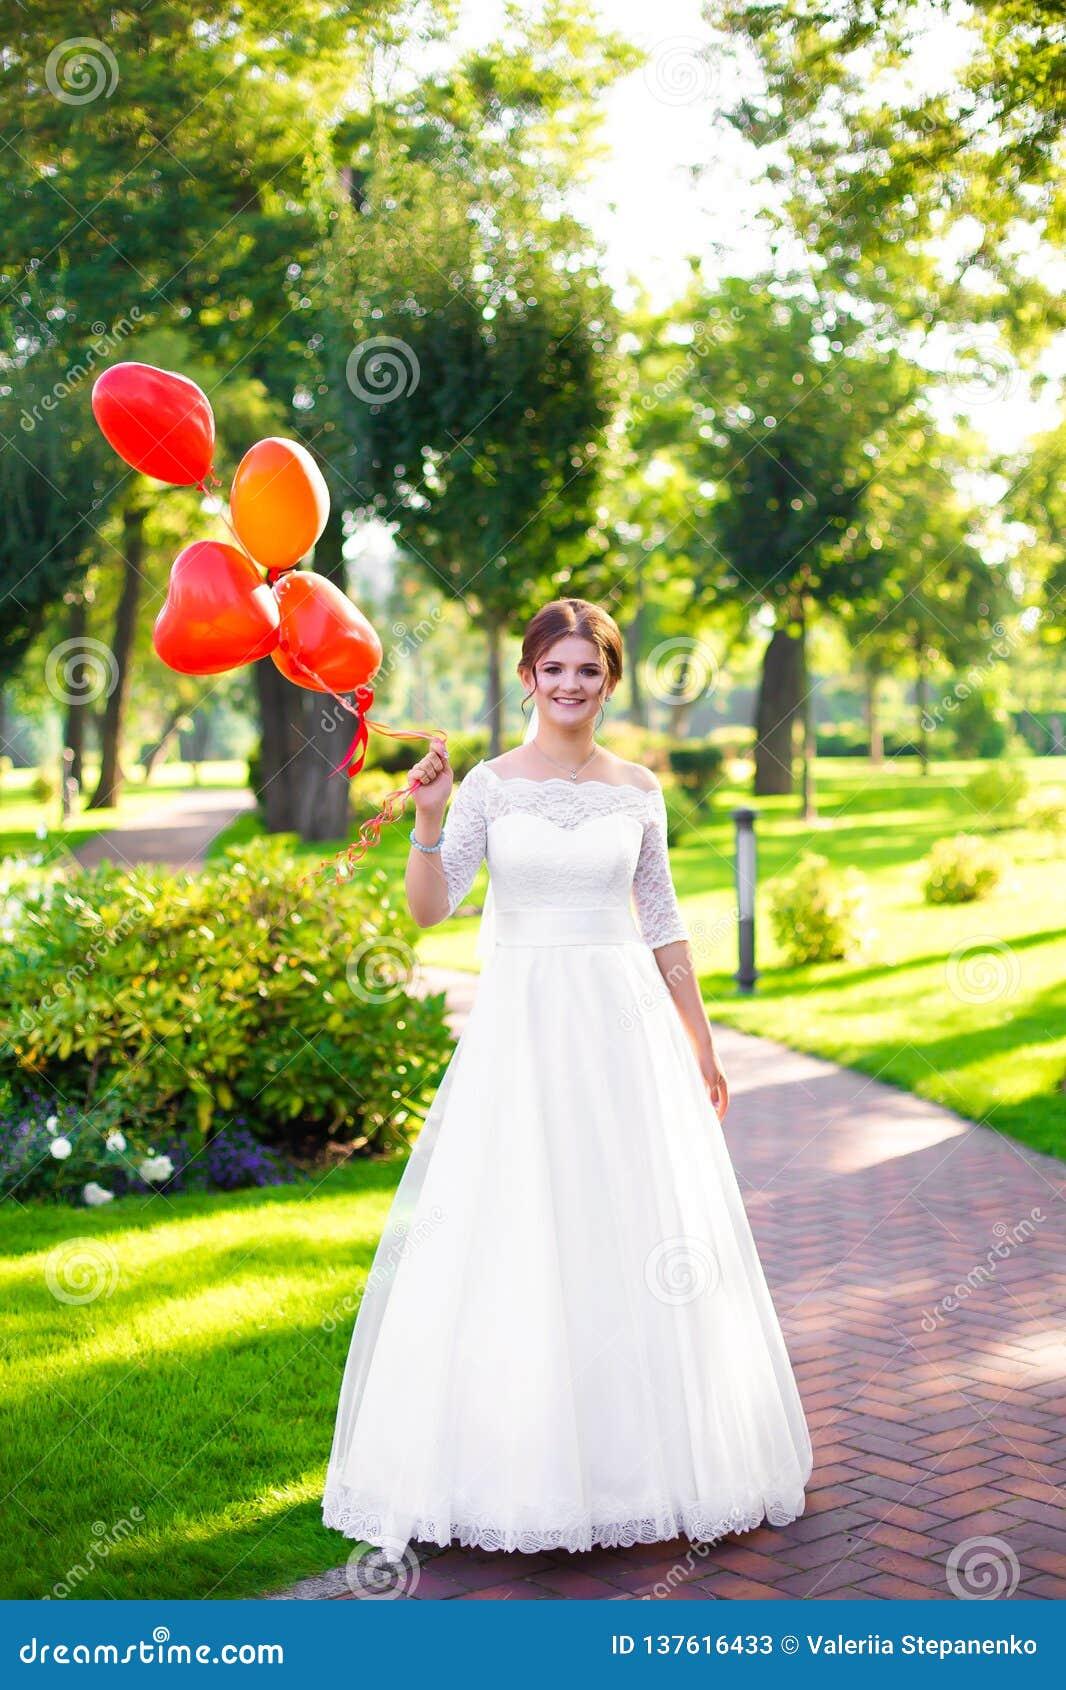 A noiva guarda balões vermelhos em sua mão